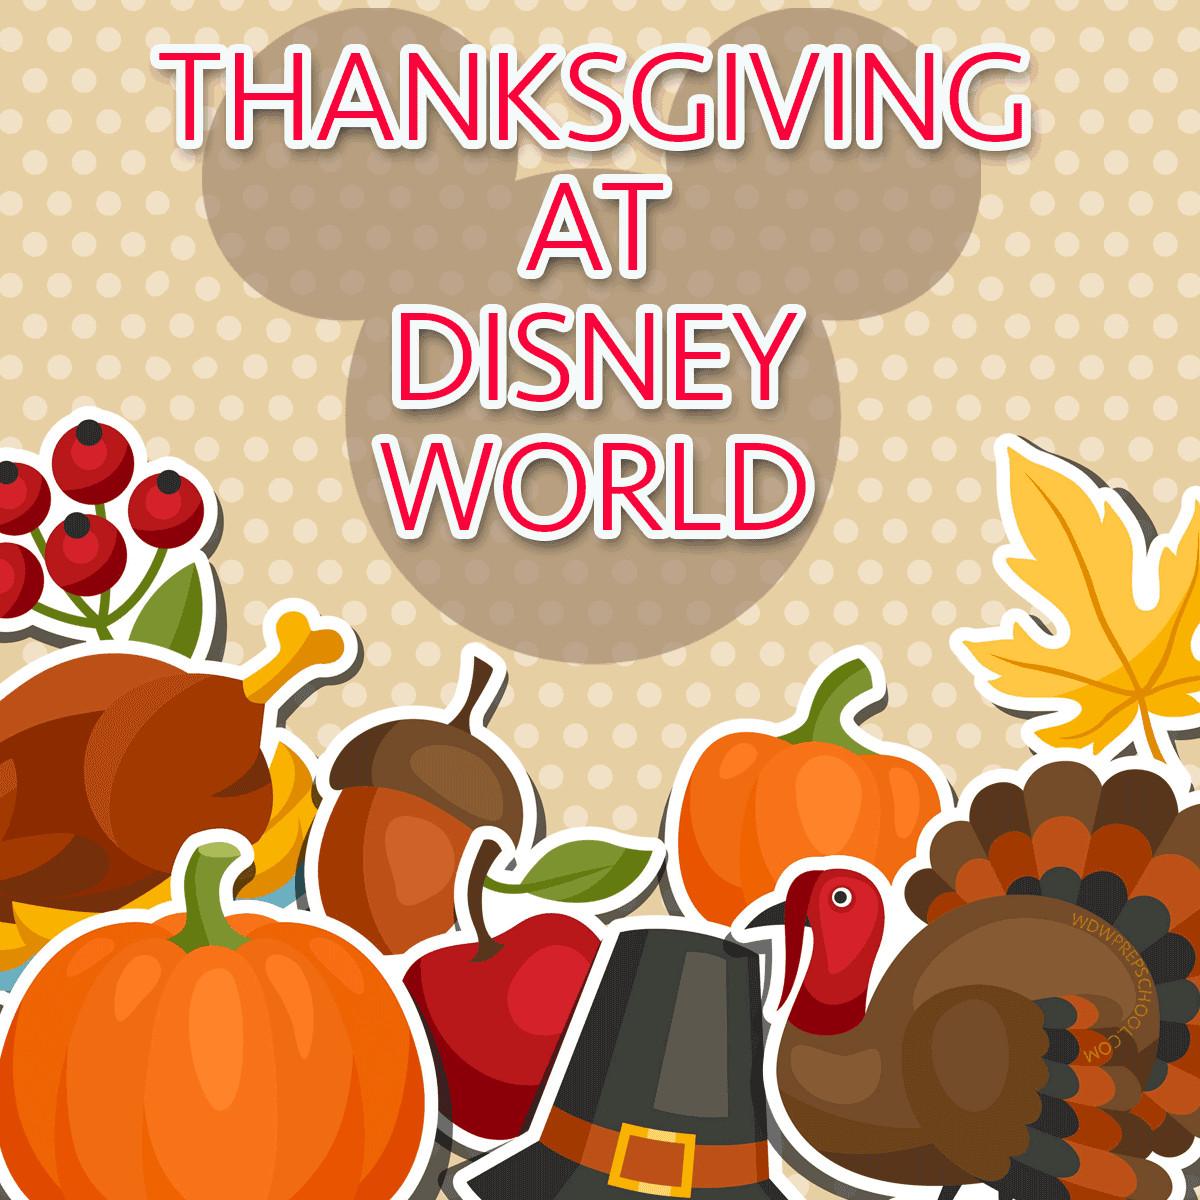 Thanksgiving Dinner Restaurants 2019  Tips for Thanksgiving at Disney World in 2017